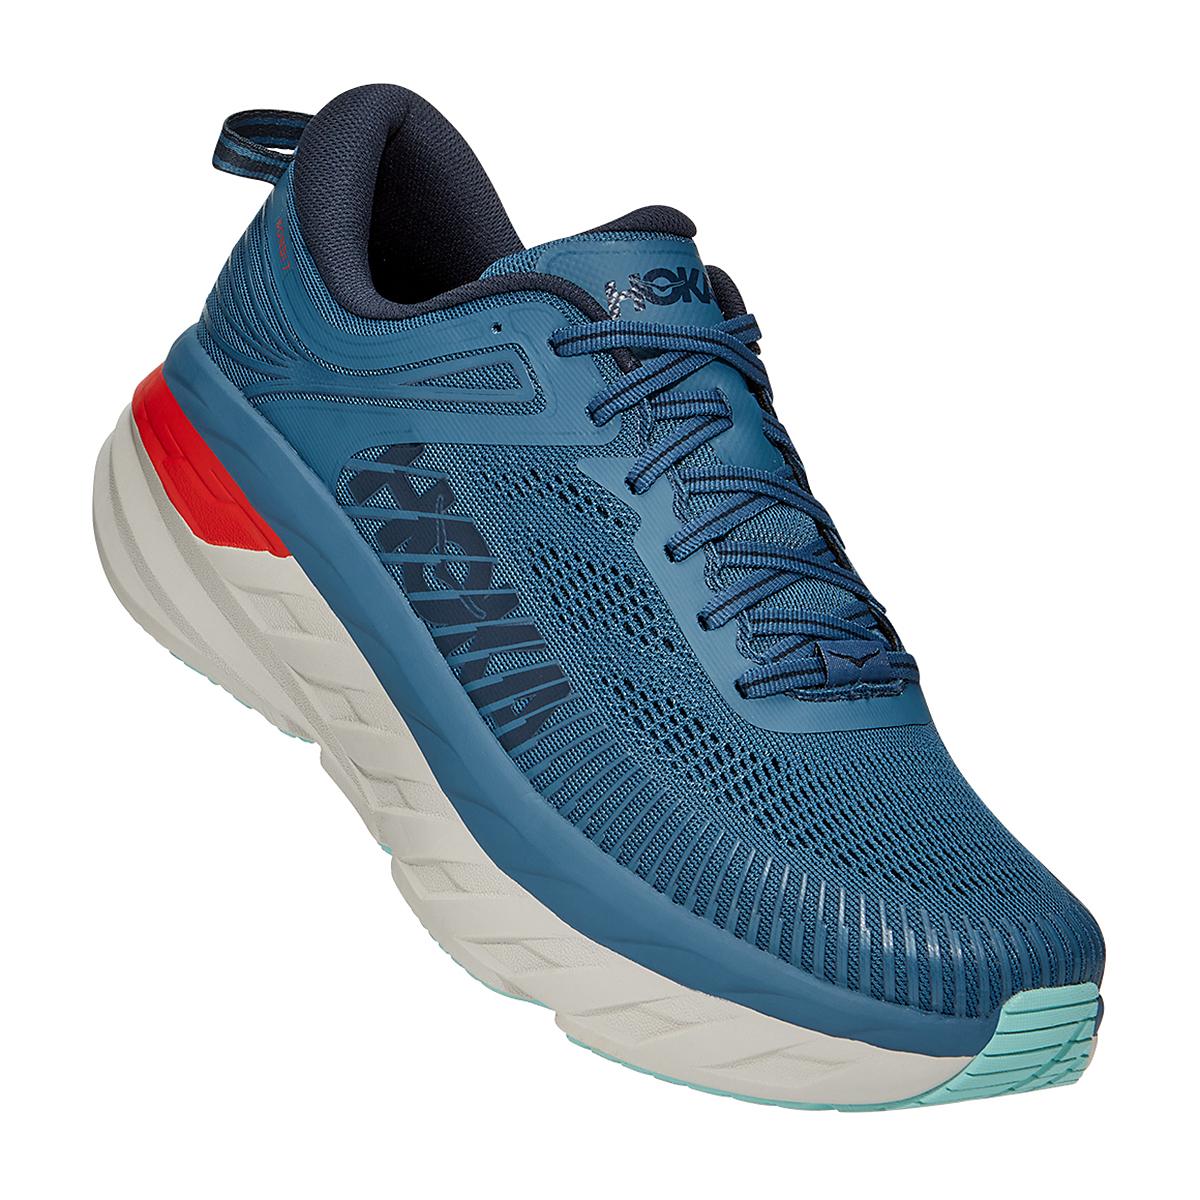 Men's Hoka One One Bondi 7 Running Shoe, , large, image 3